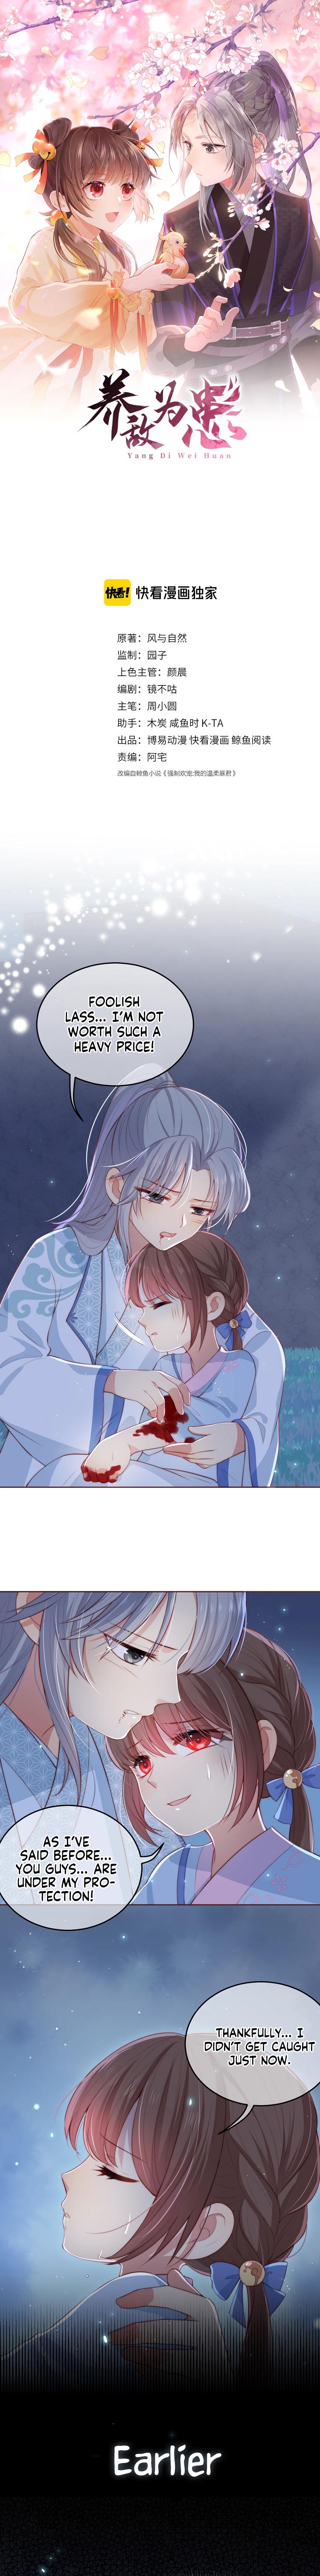 https://manga.mangadogs.com/comics/pic4/57/38073/2055299/c1d5dce0983c0cdc77eb9dadd6d6206b.jpg Page 1